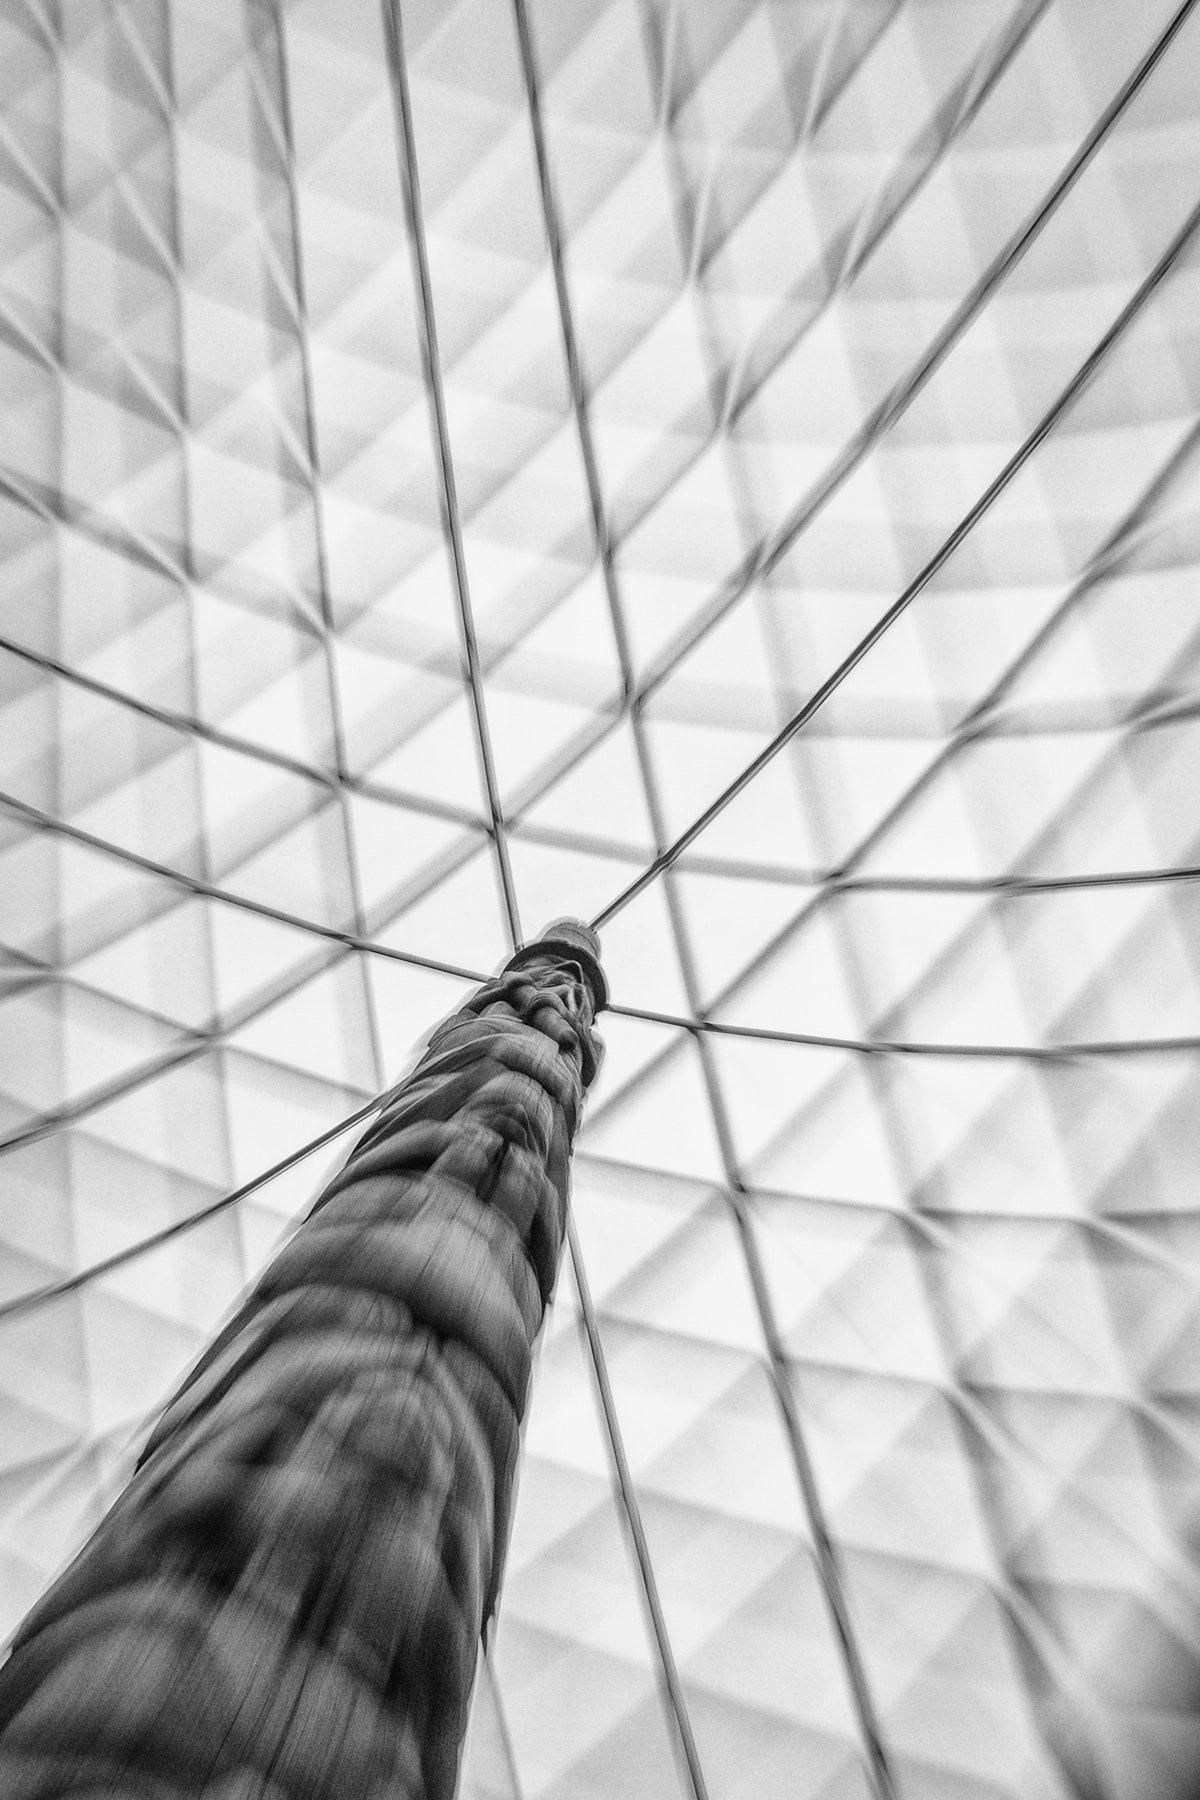 FabioBurrelliPhotography_Architecture_Interior_Web_8.jpg